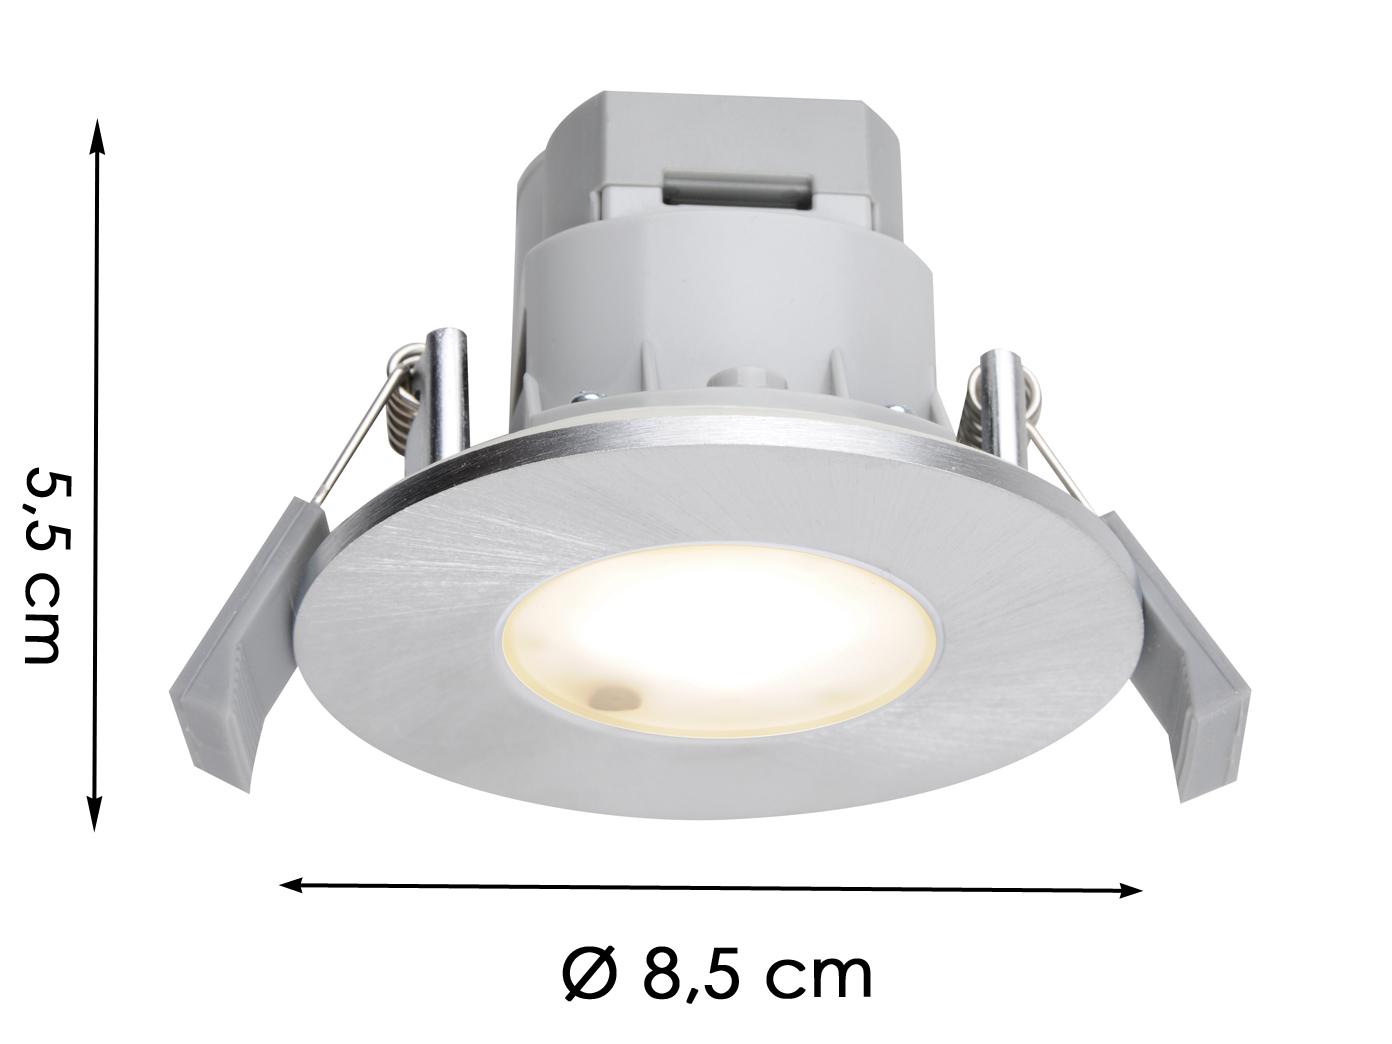 LED Einbaustrahler Decke rund Ø 20, 20 cm Aluminium gebürstet 20, 20W IP620  Badleuchten